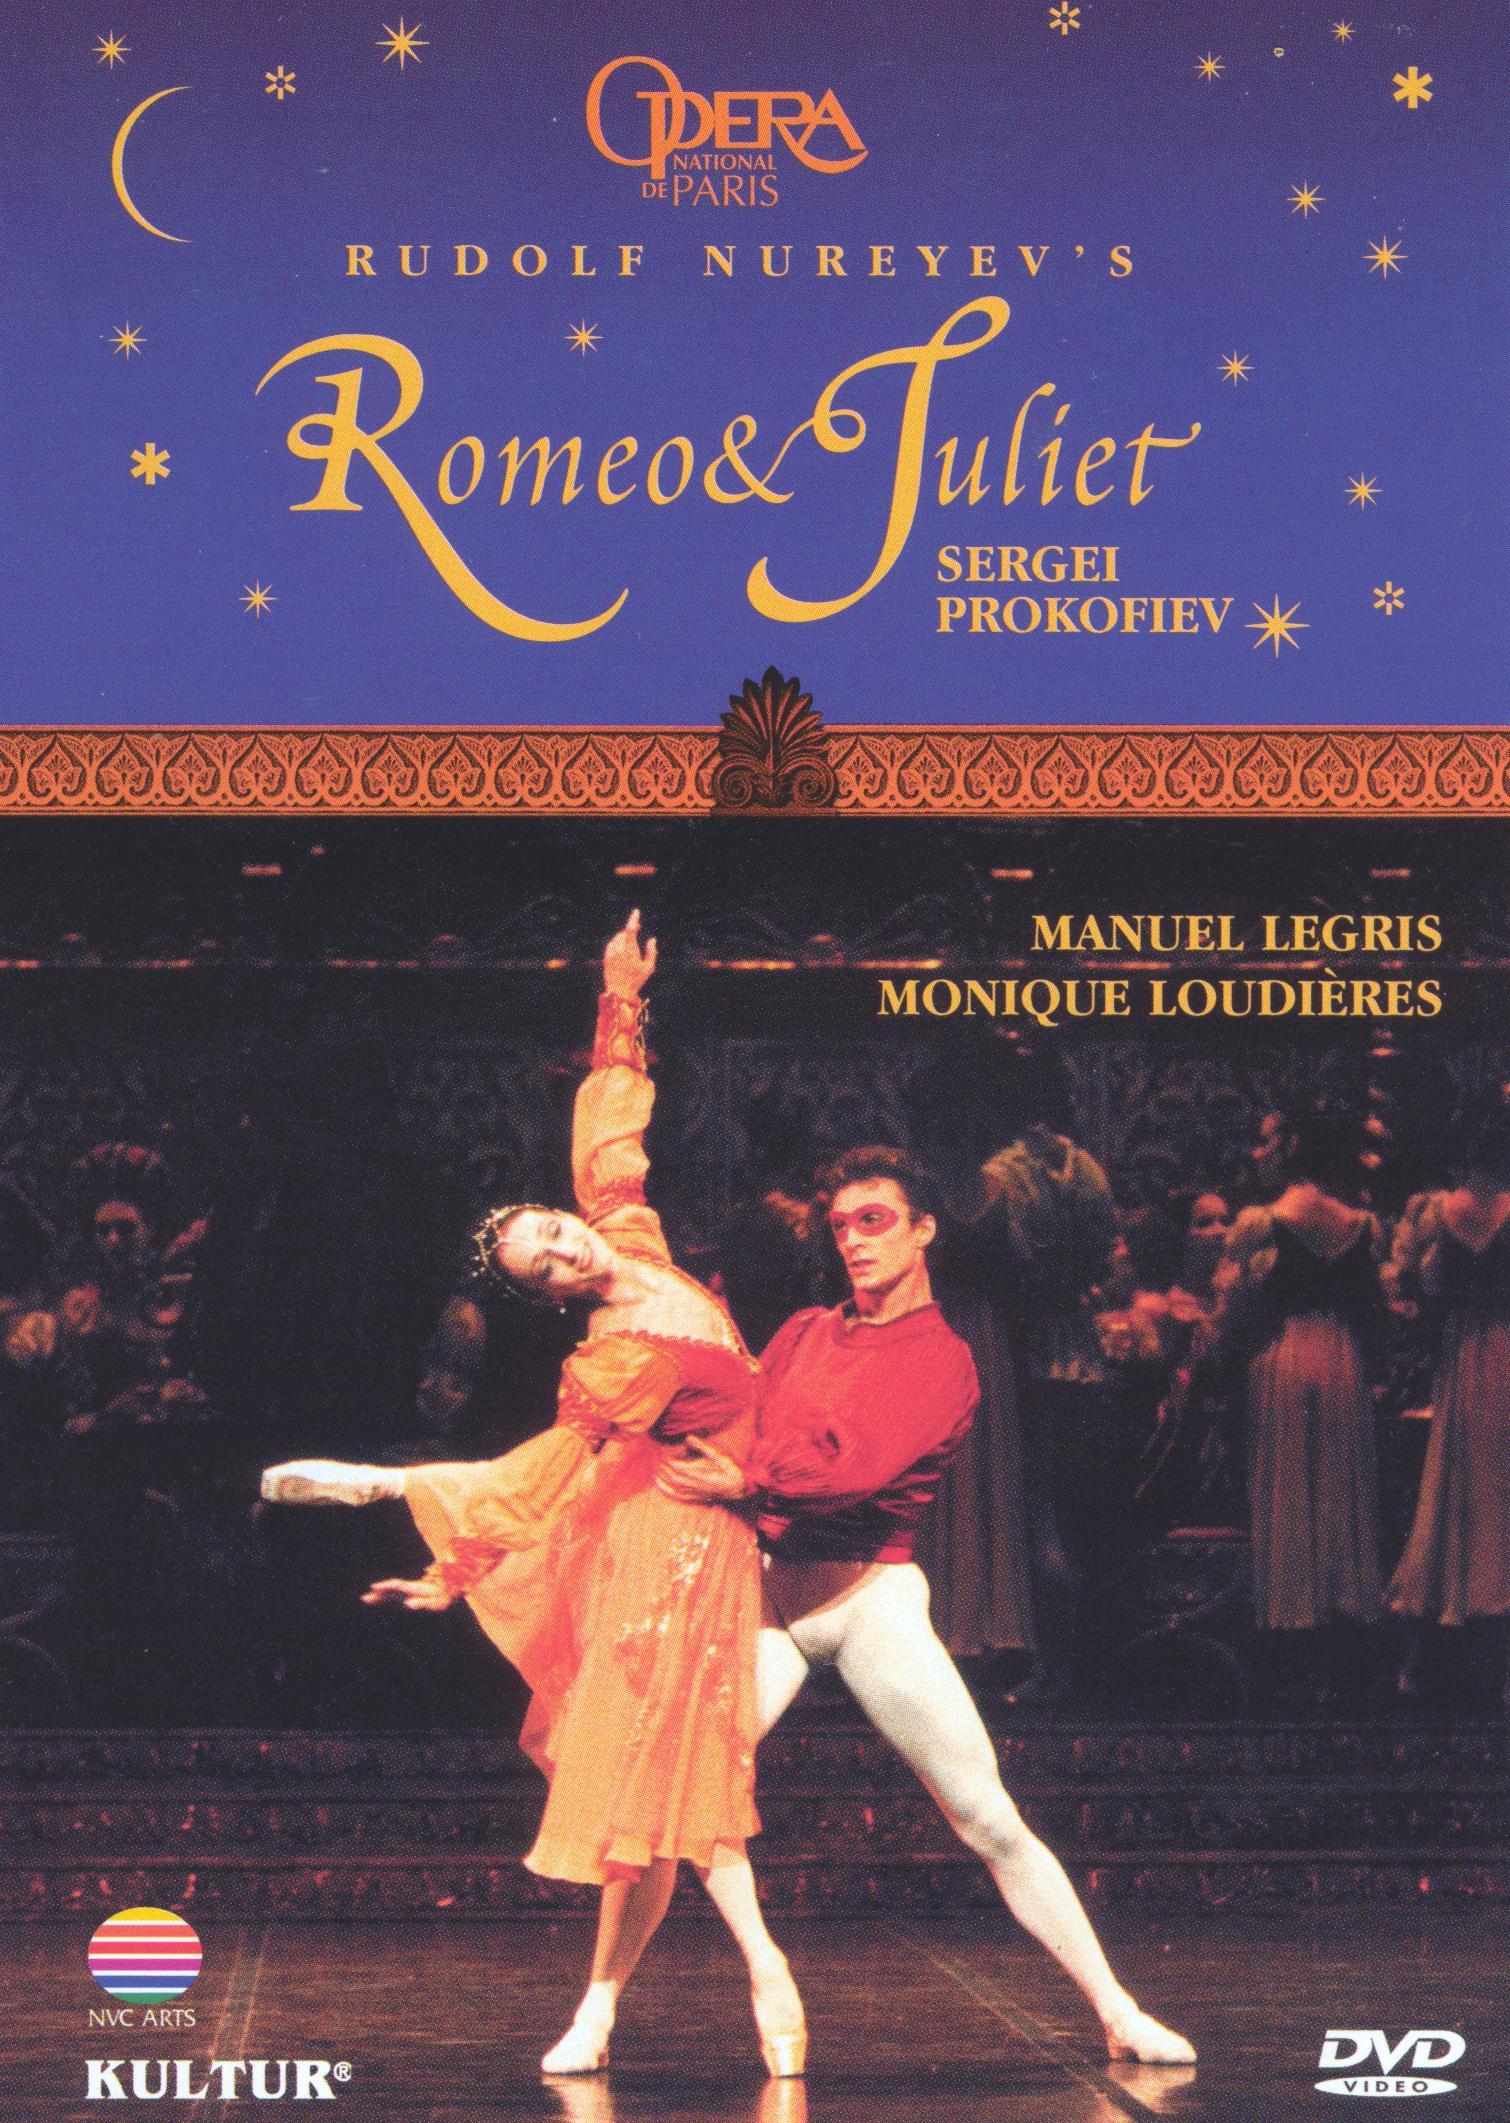 Rudolf Nureyev's Romeo & Juliet